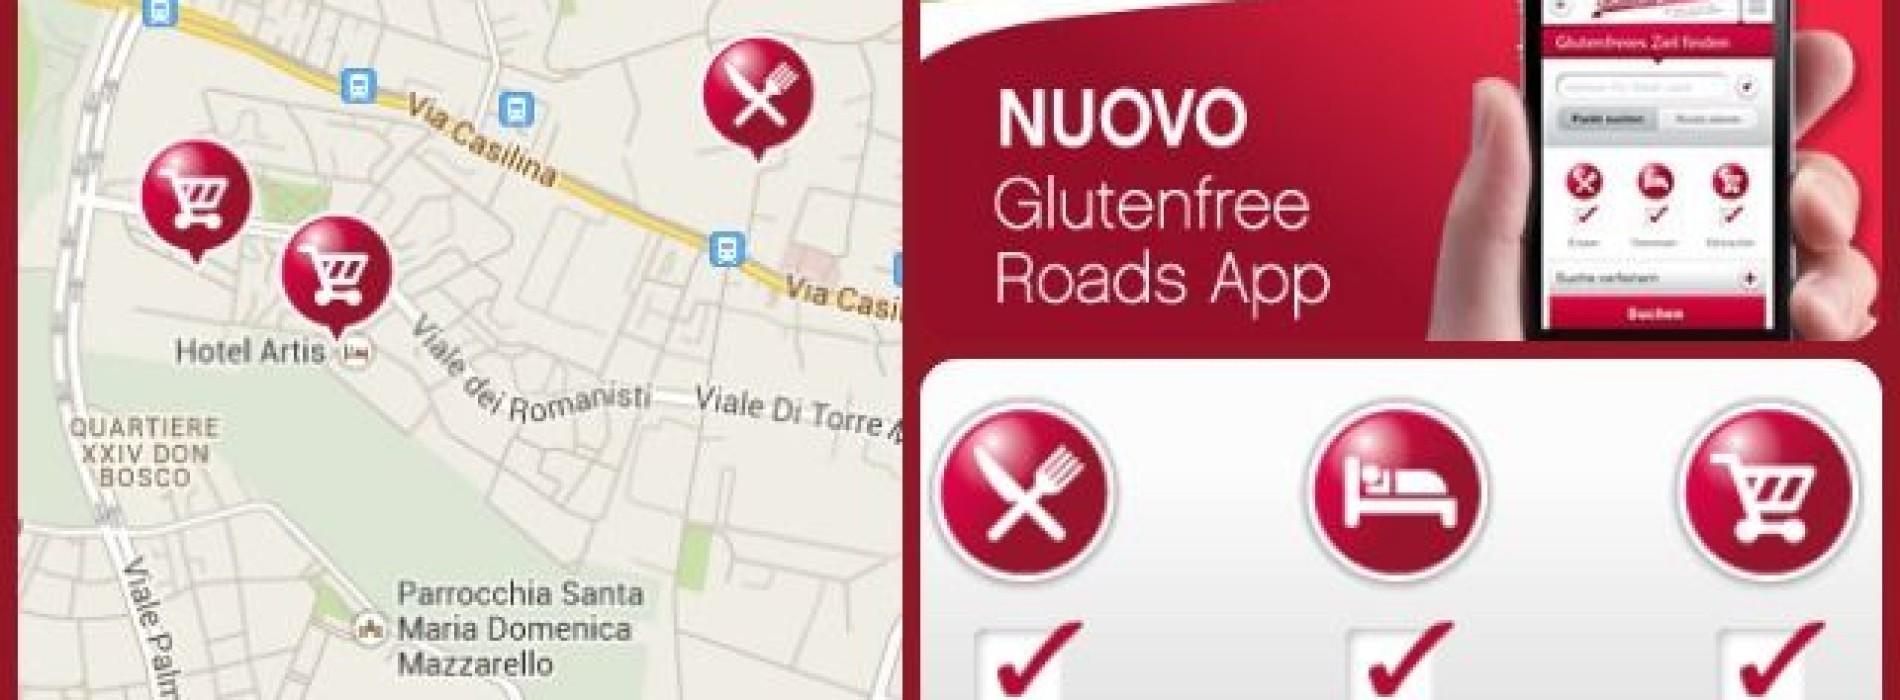 Celiaci, questa applicazione è per voi: Glutenfree roads